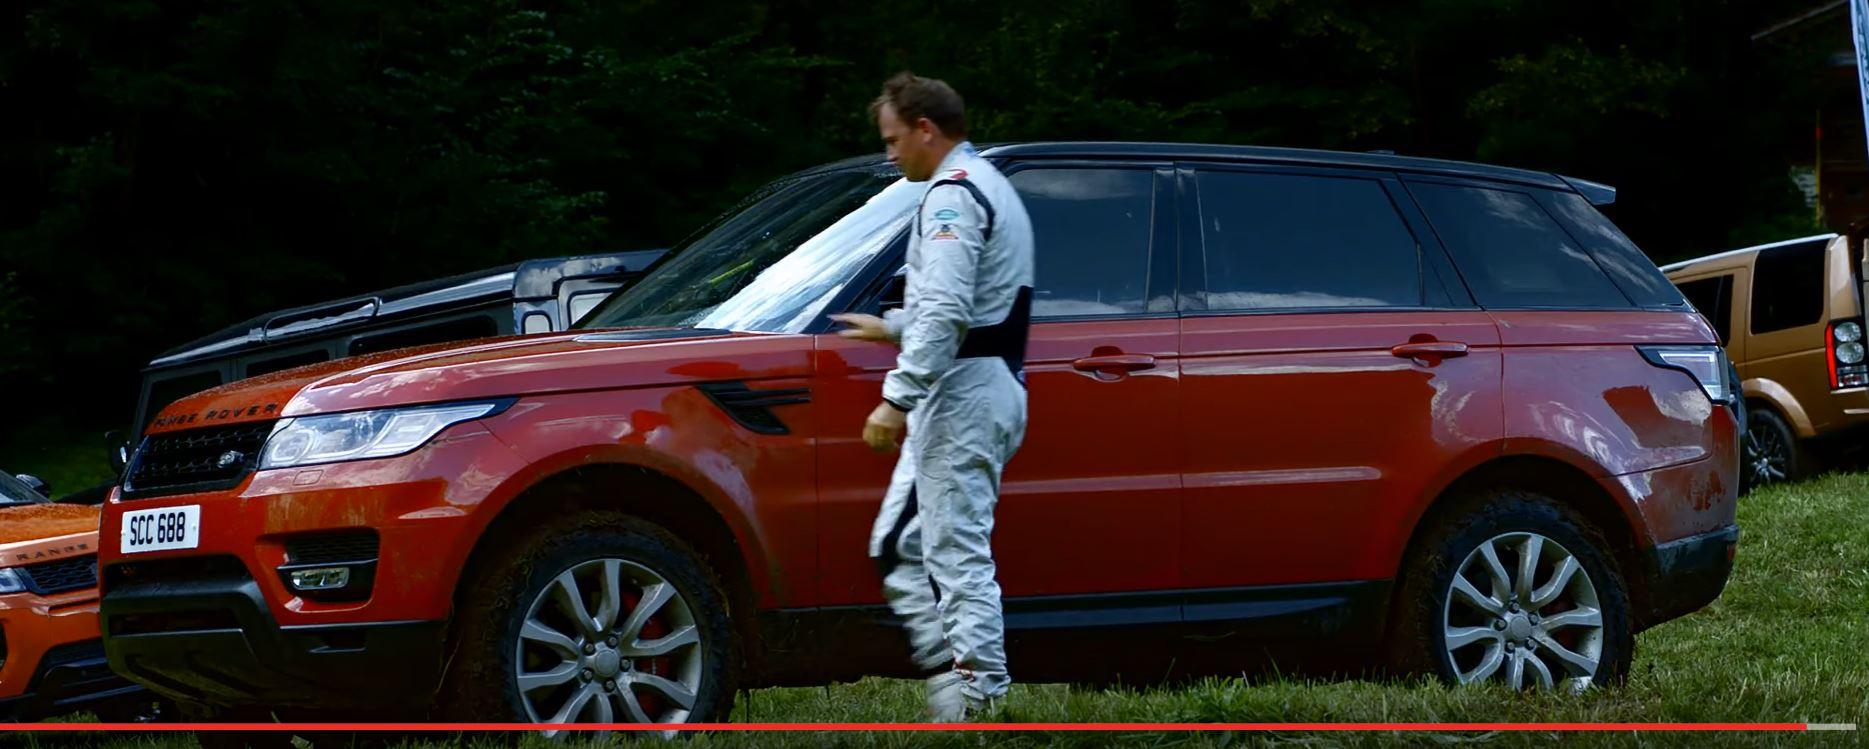 Discesa range rover sport pista inferno  Infern10